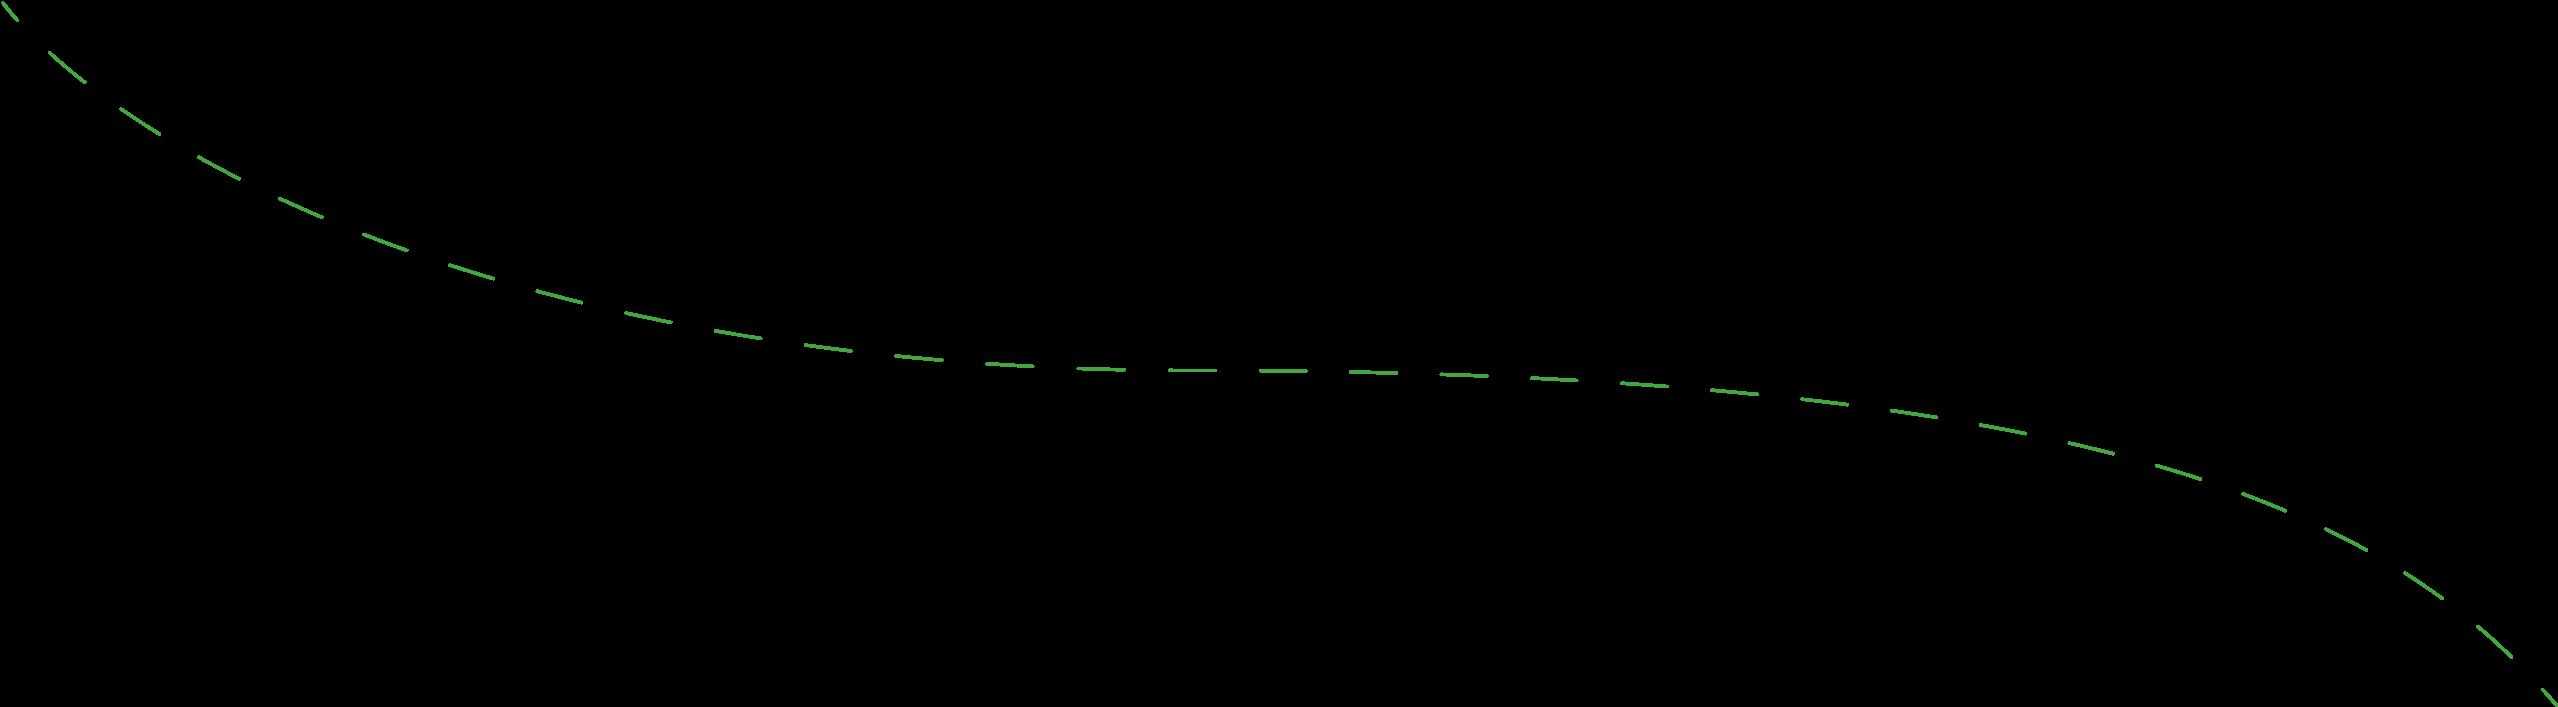 Křivka